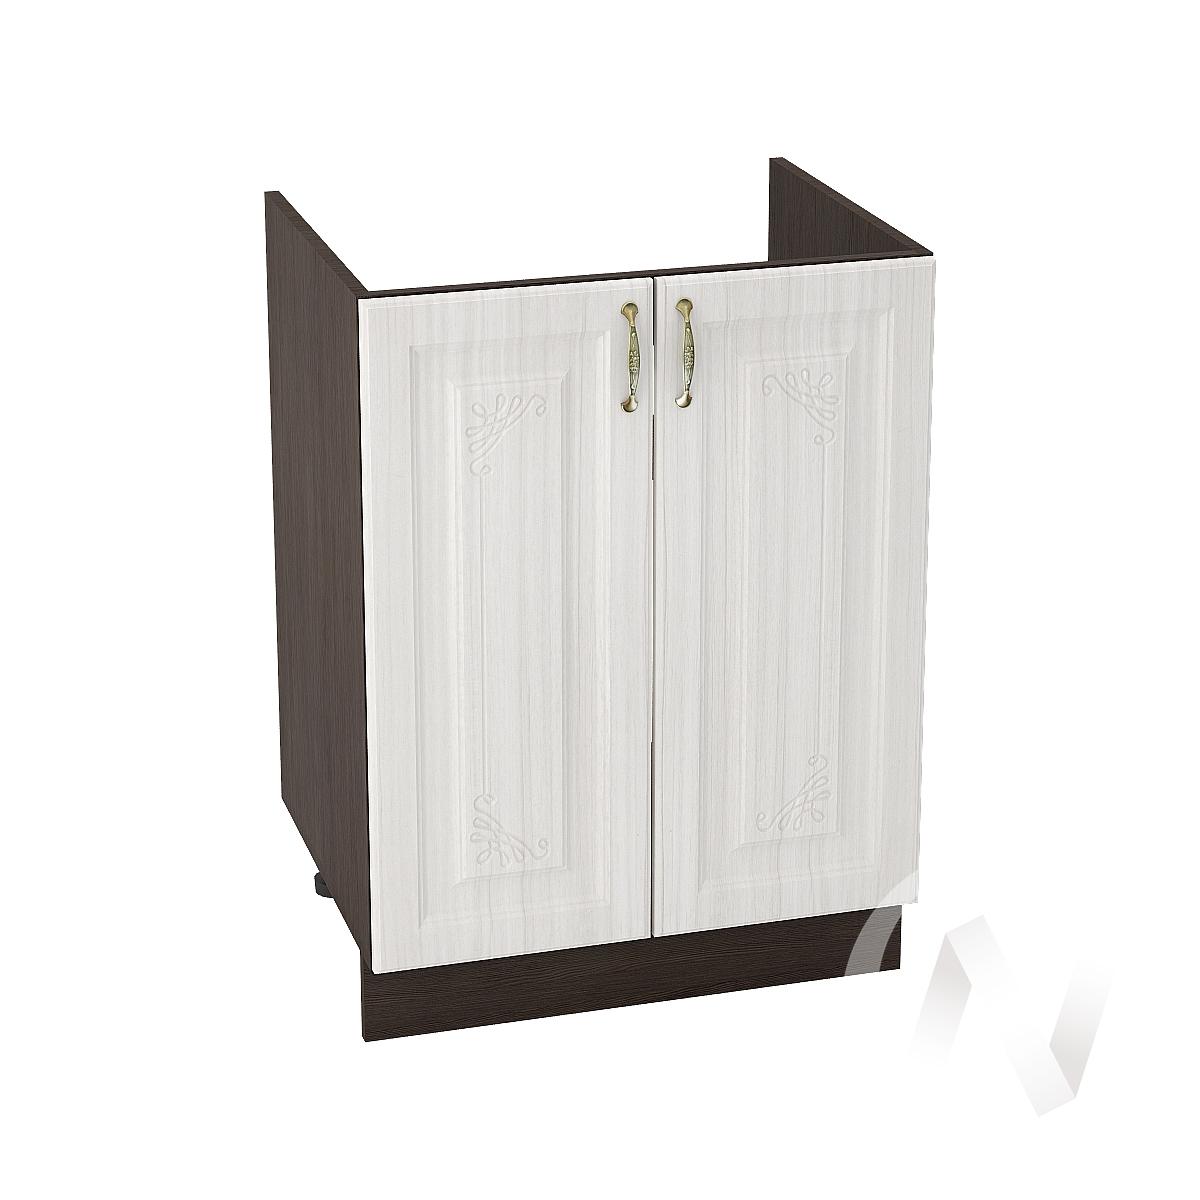 """Кухня """"Виктория"""": Шкаф нижний под мойку 600, ШНМ 600 (корпус венге) в Новосибирске в интернет-магазине мебели kuhnya54.ru"""